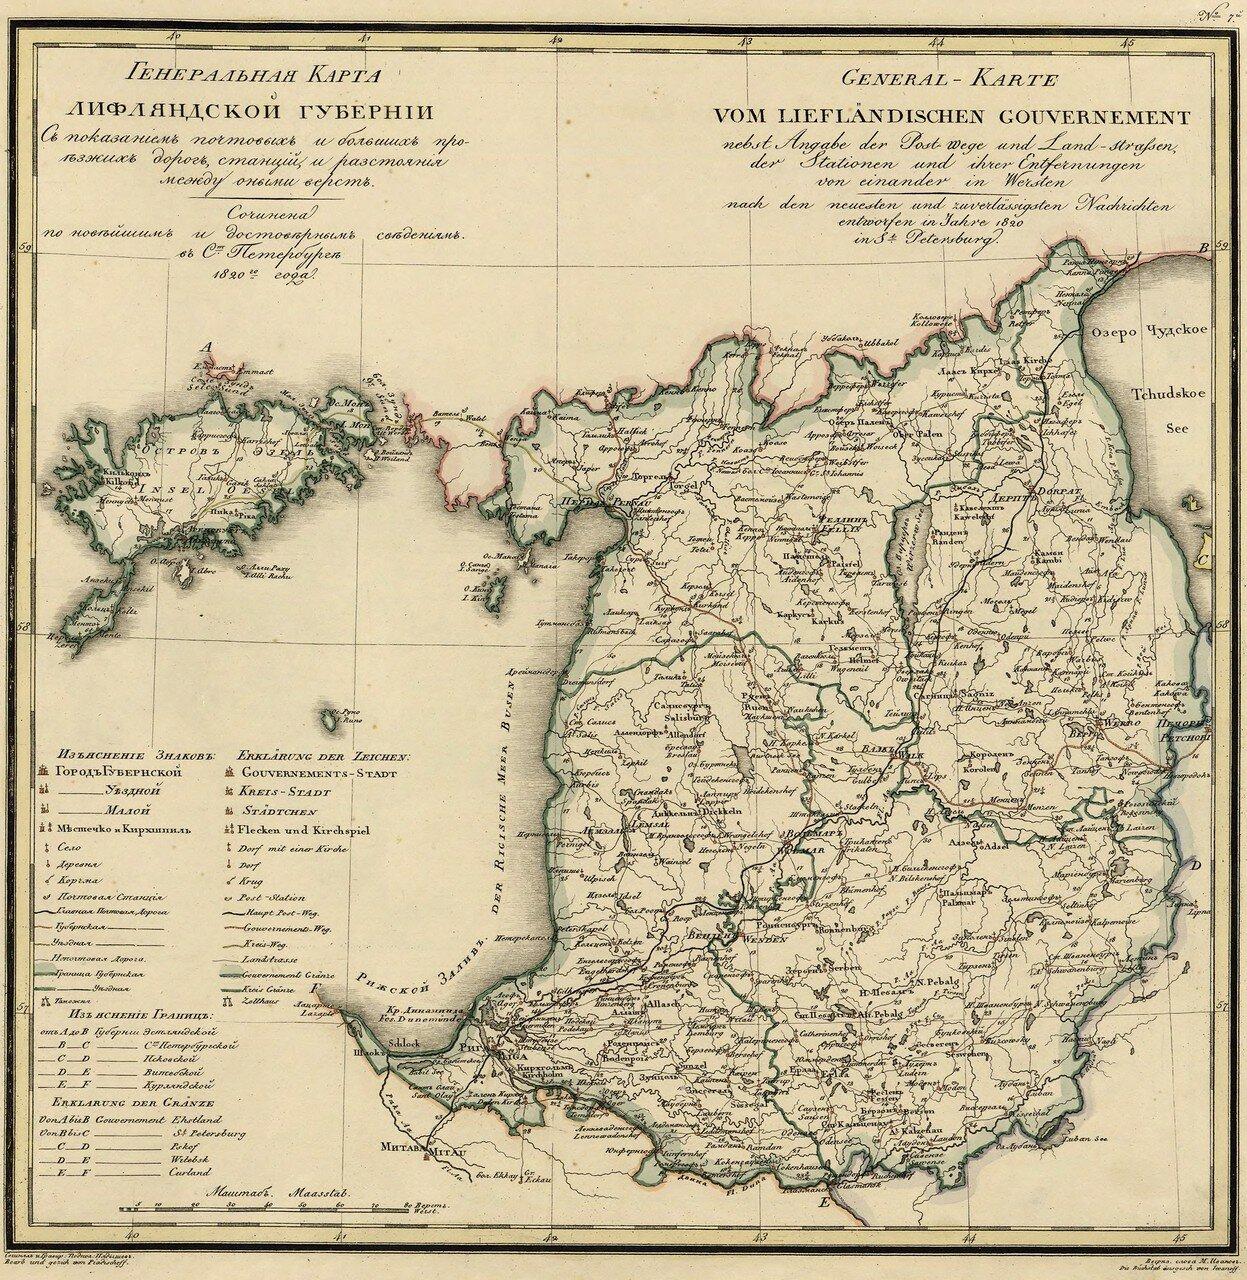 07. Лифляндская губерния. 1820.